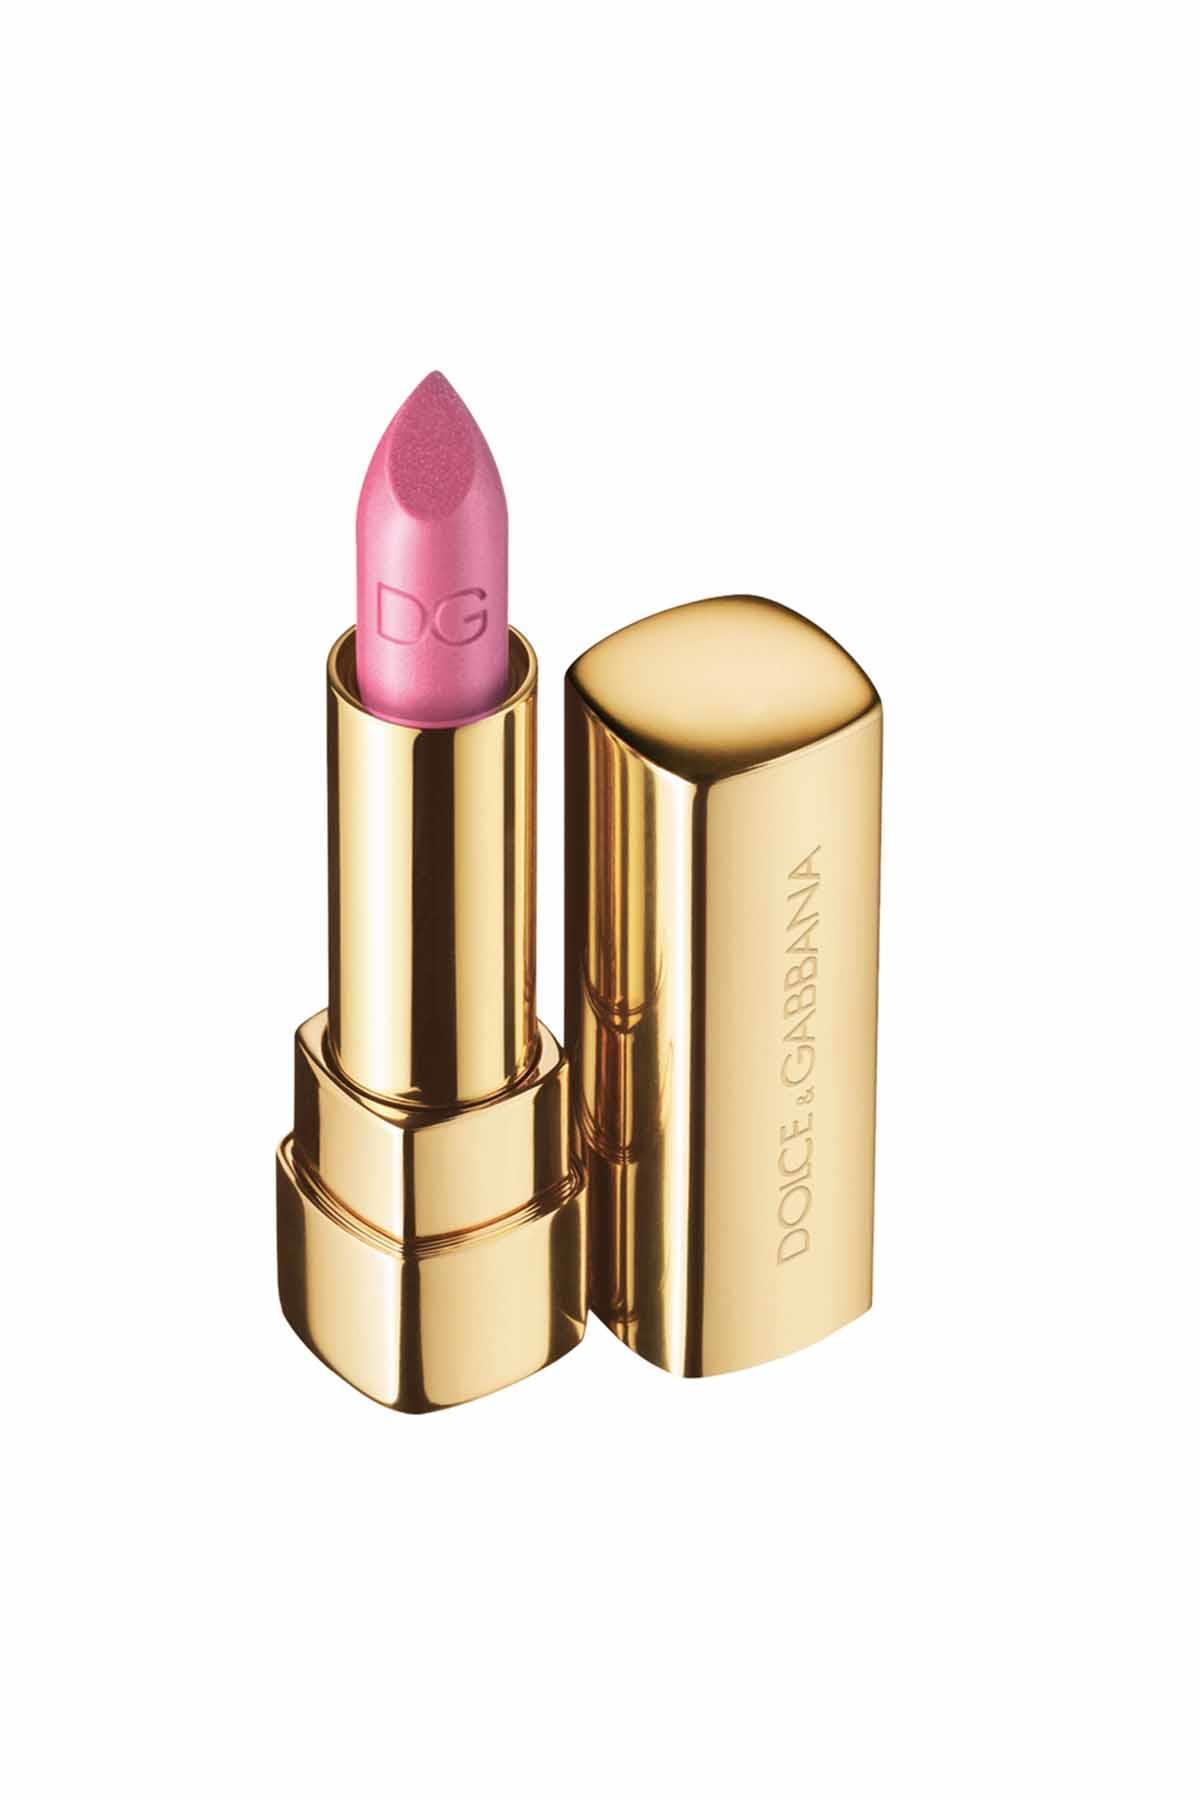 Dolce Gabbana Shine Lipstick 165 Fascination Ruj